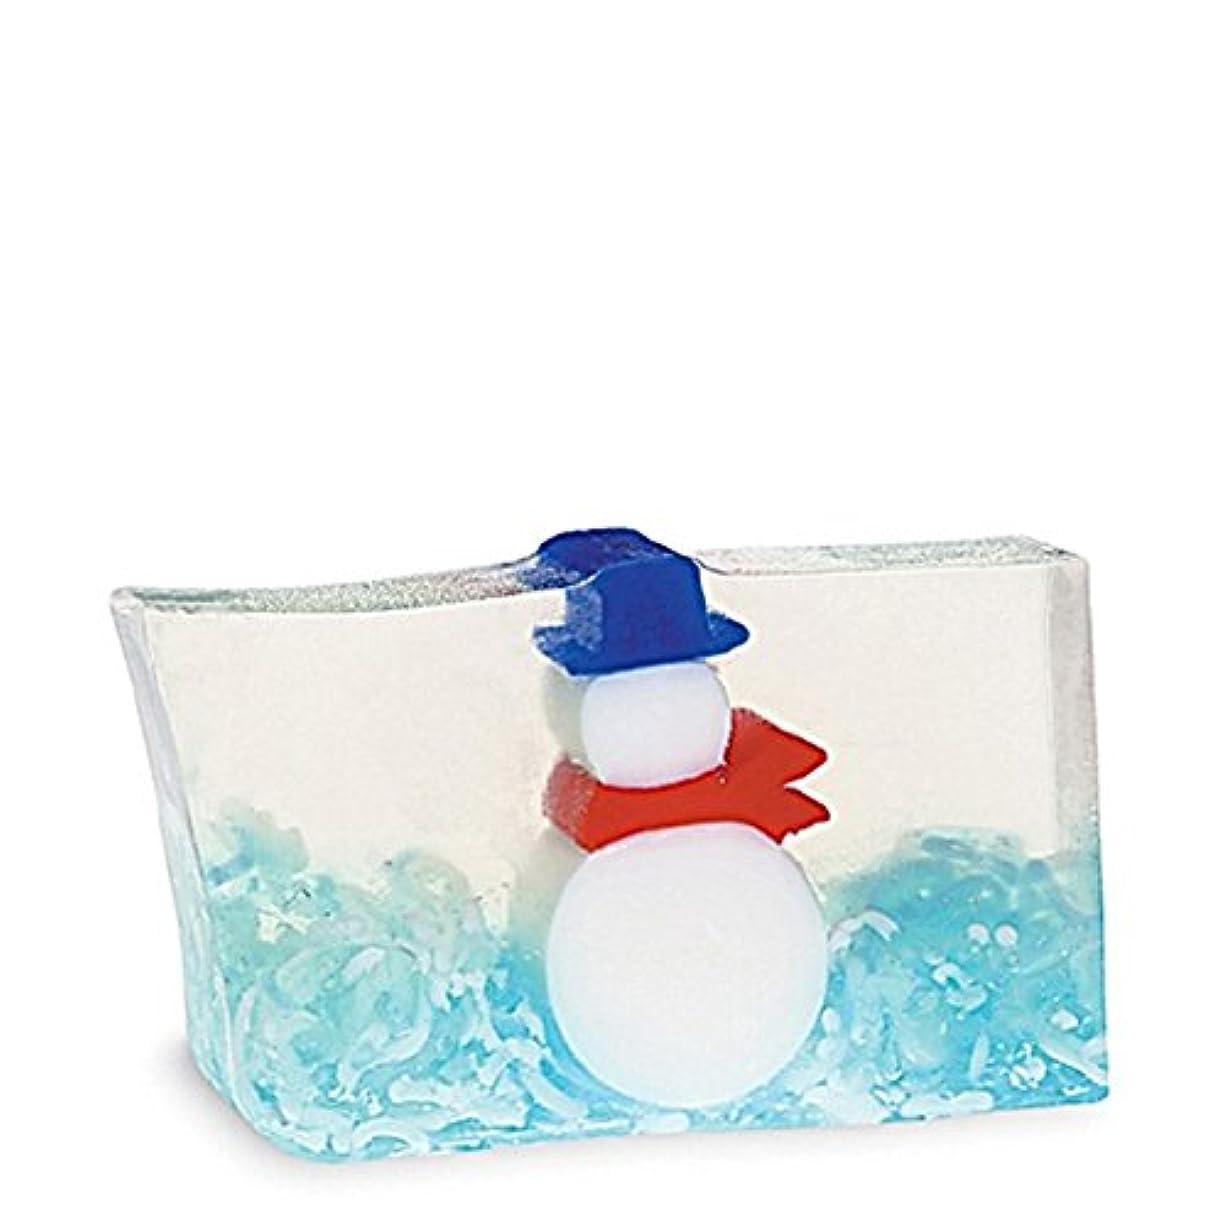 アカウントバルーン受付原初の要素雪だるま石鹸170グラム x4 - Primal Elements Snowman Soap 170g (Pack of 4) [並行輸入品]